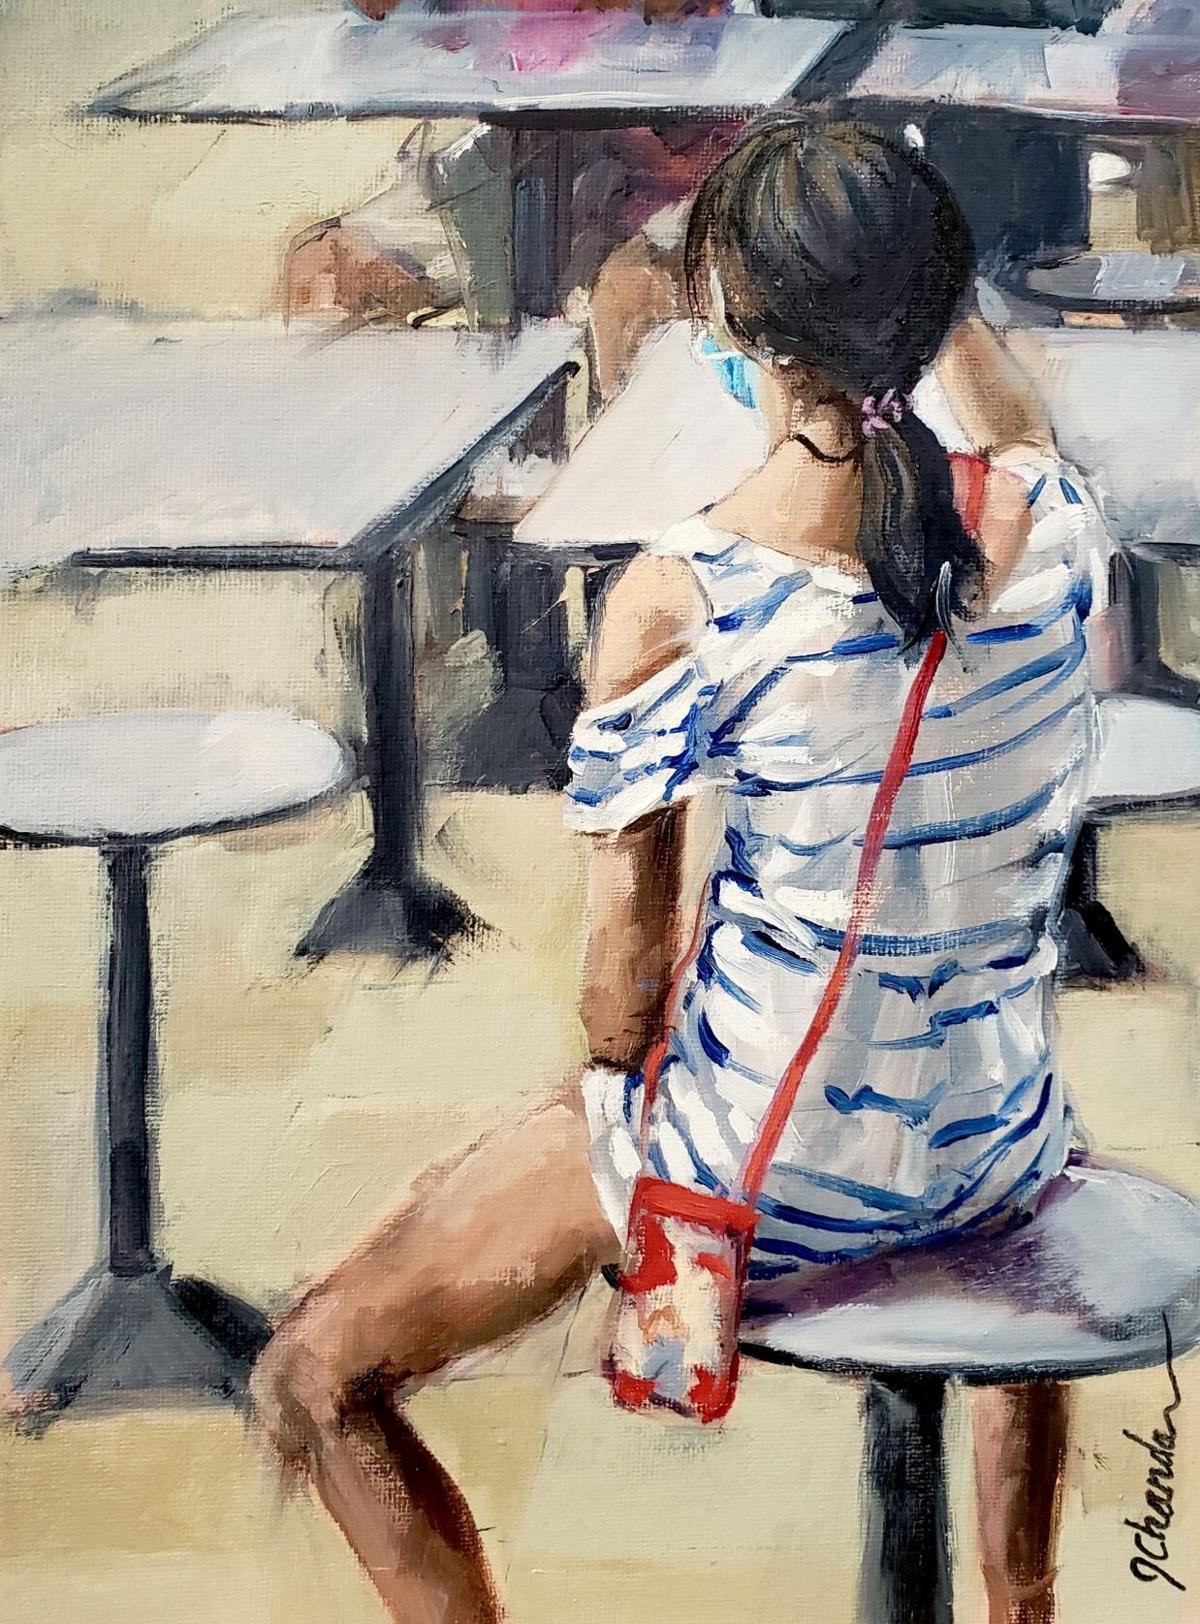 chanda painting.jpg